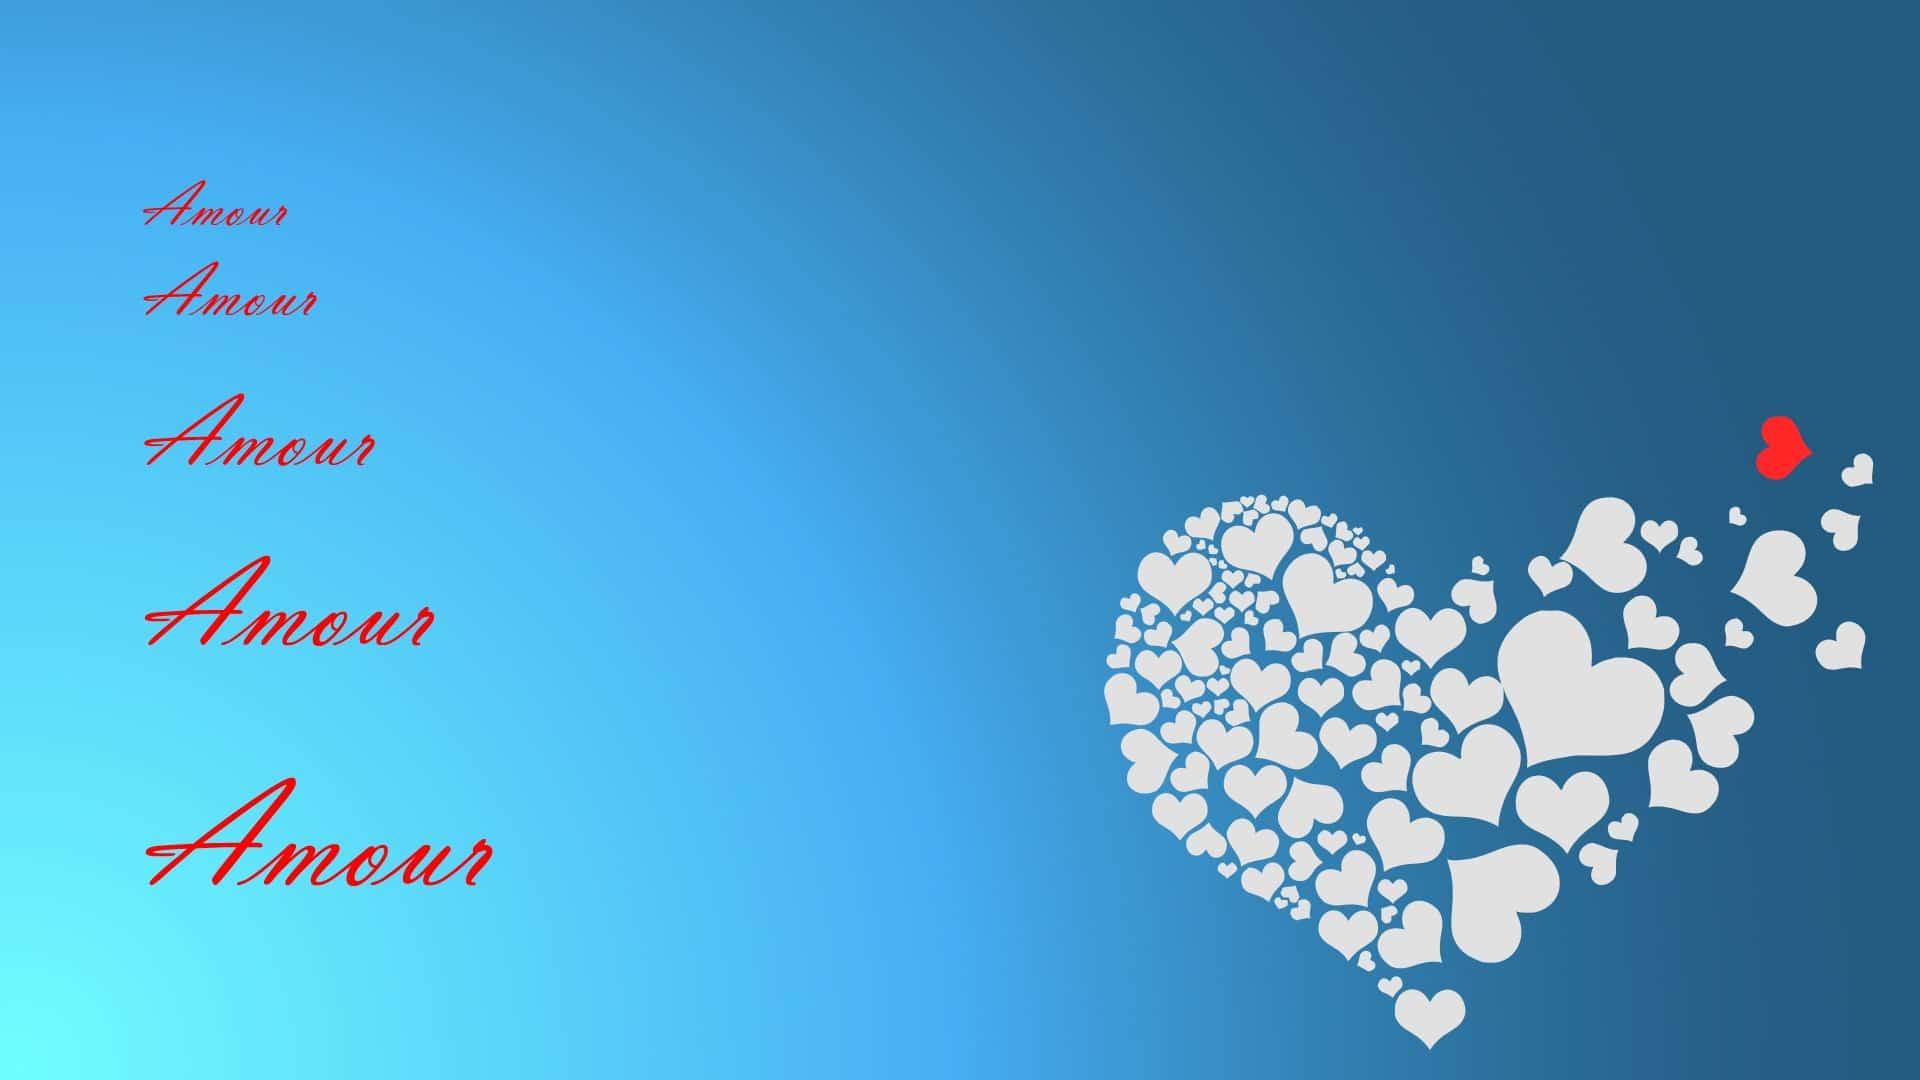 Tout ce que j'aime en toi, le cahier des amoureux